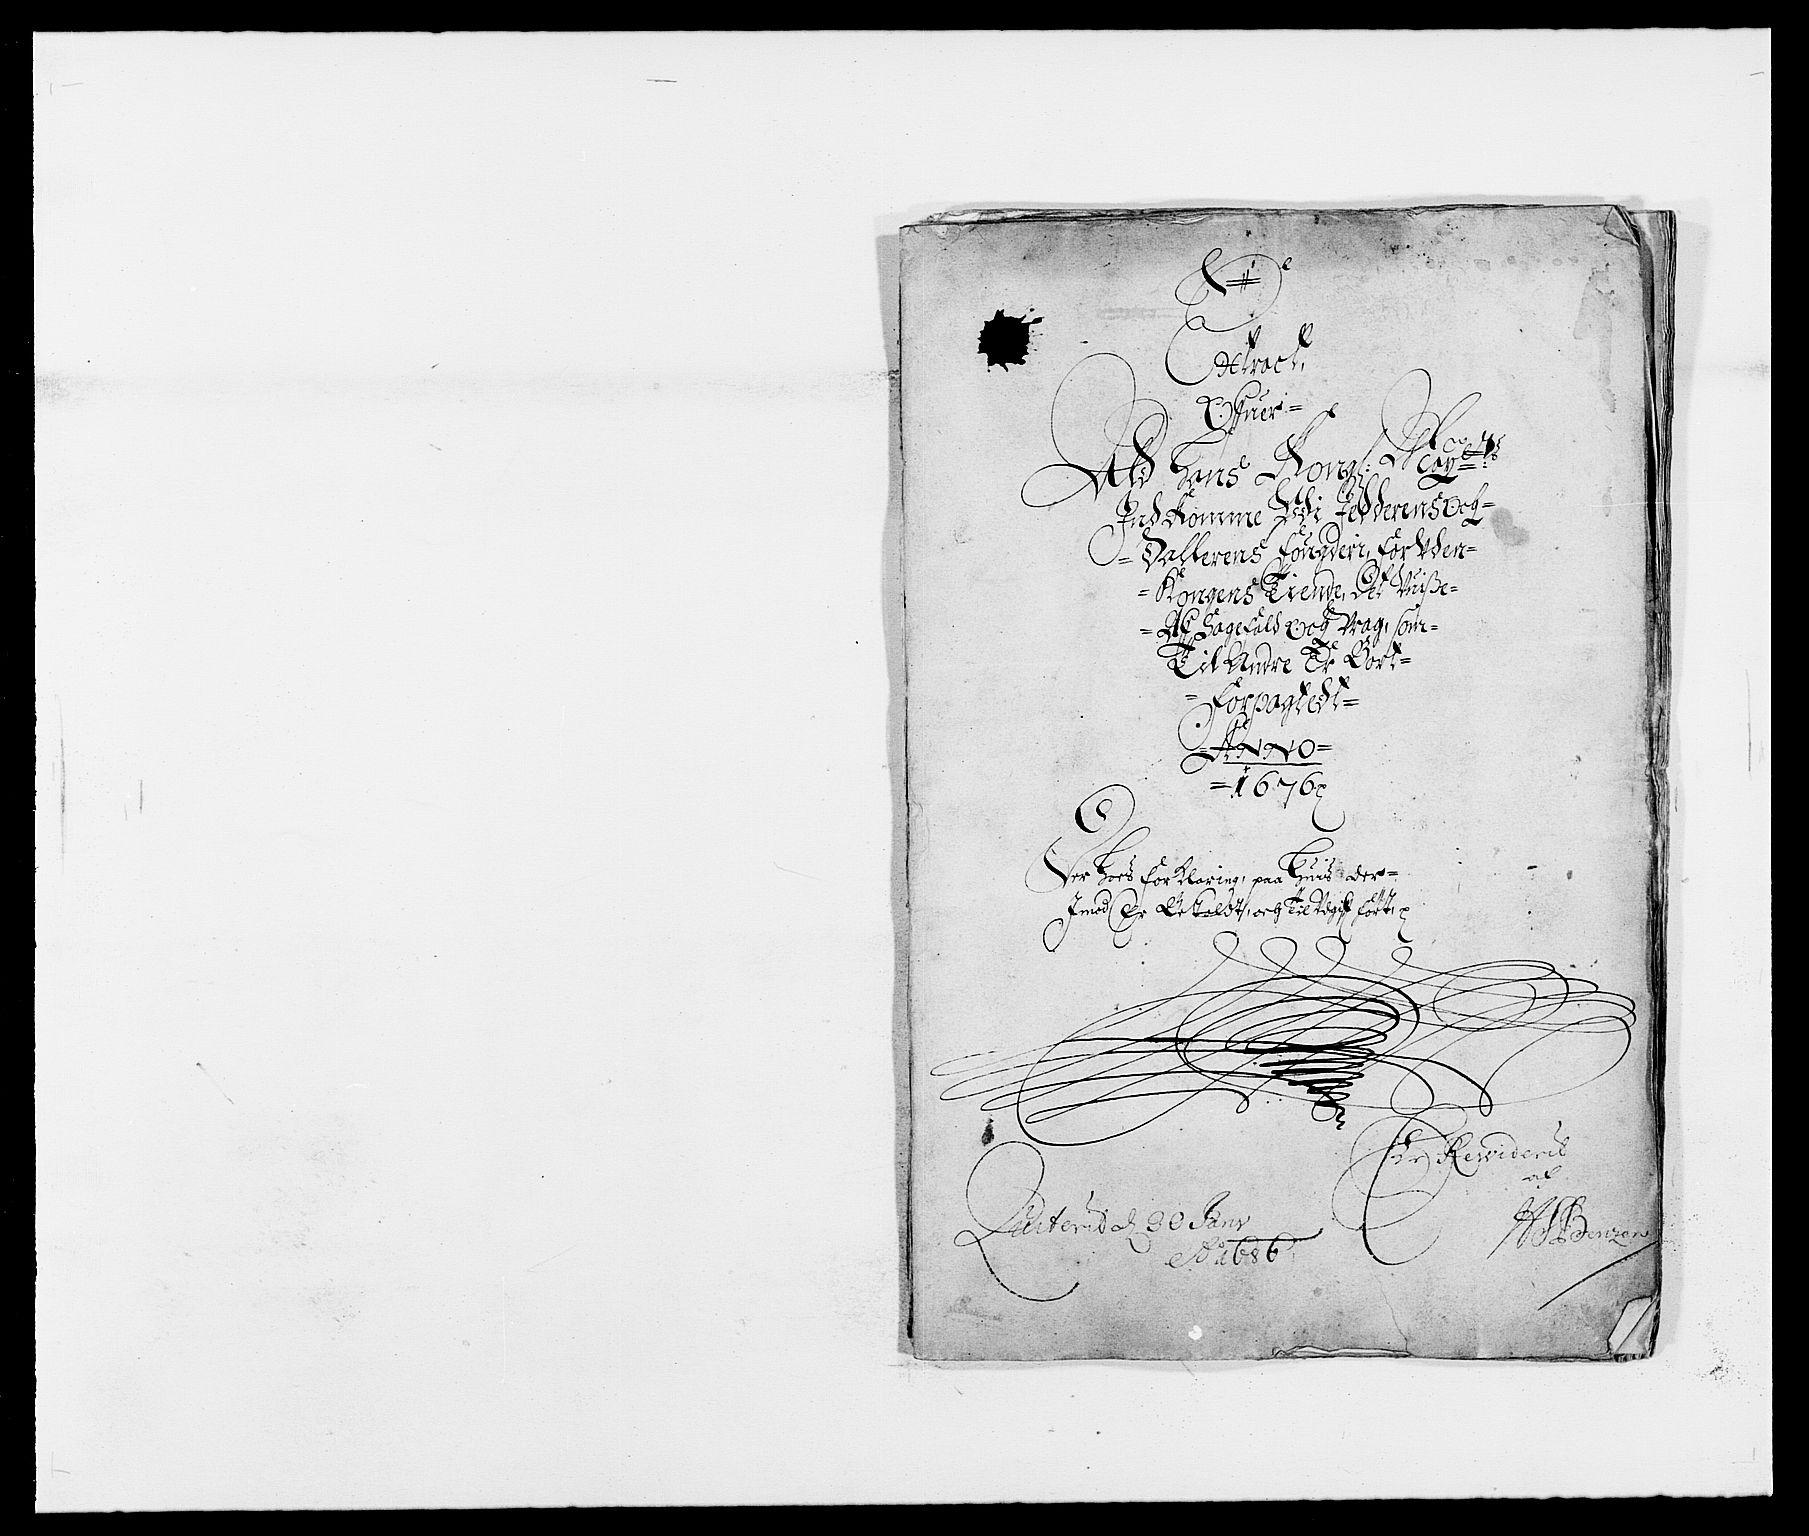 RA, Rentekammeret inntil 1814, Reviderte regnskaper, Fogderegnskap, R46/L2716: Fogderegnskap Jæren og Dalane, 1676, s. 1